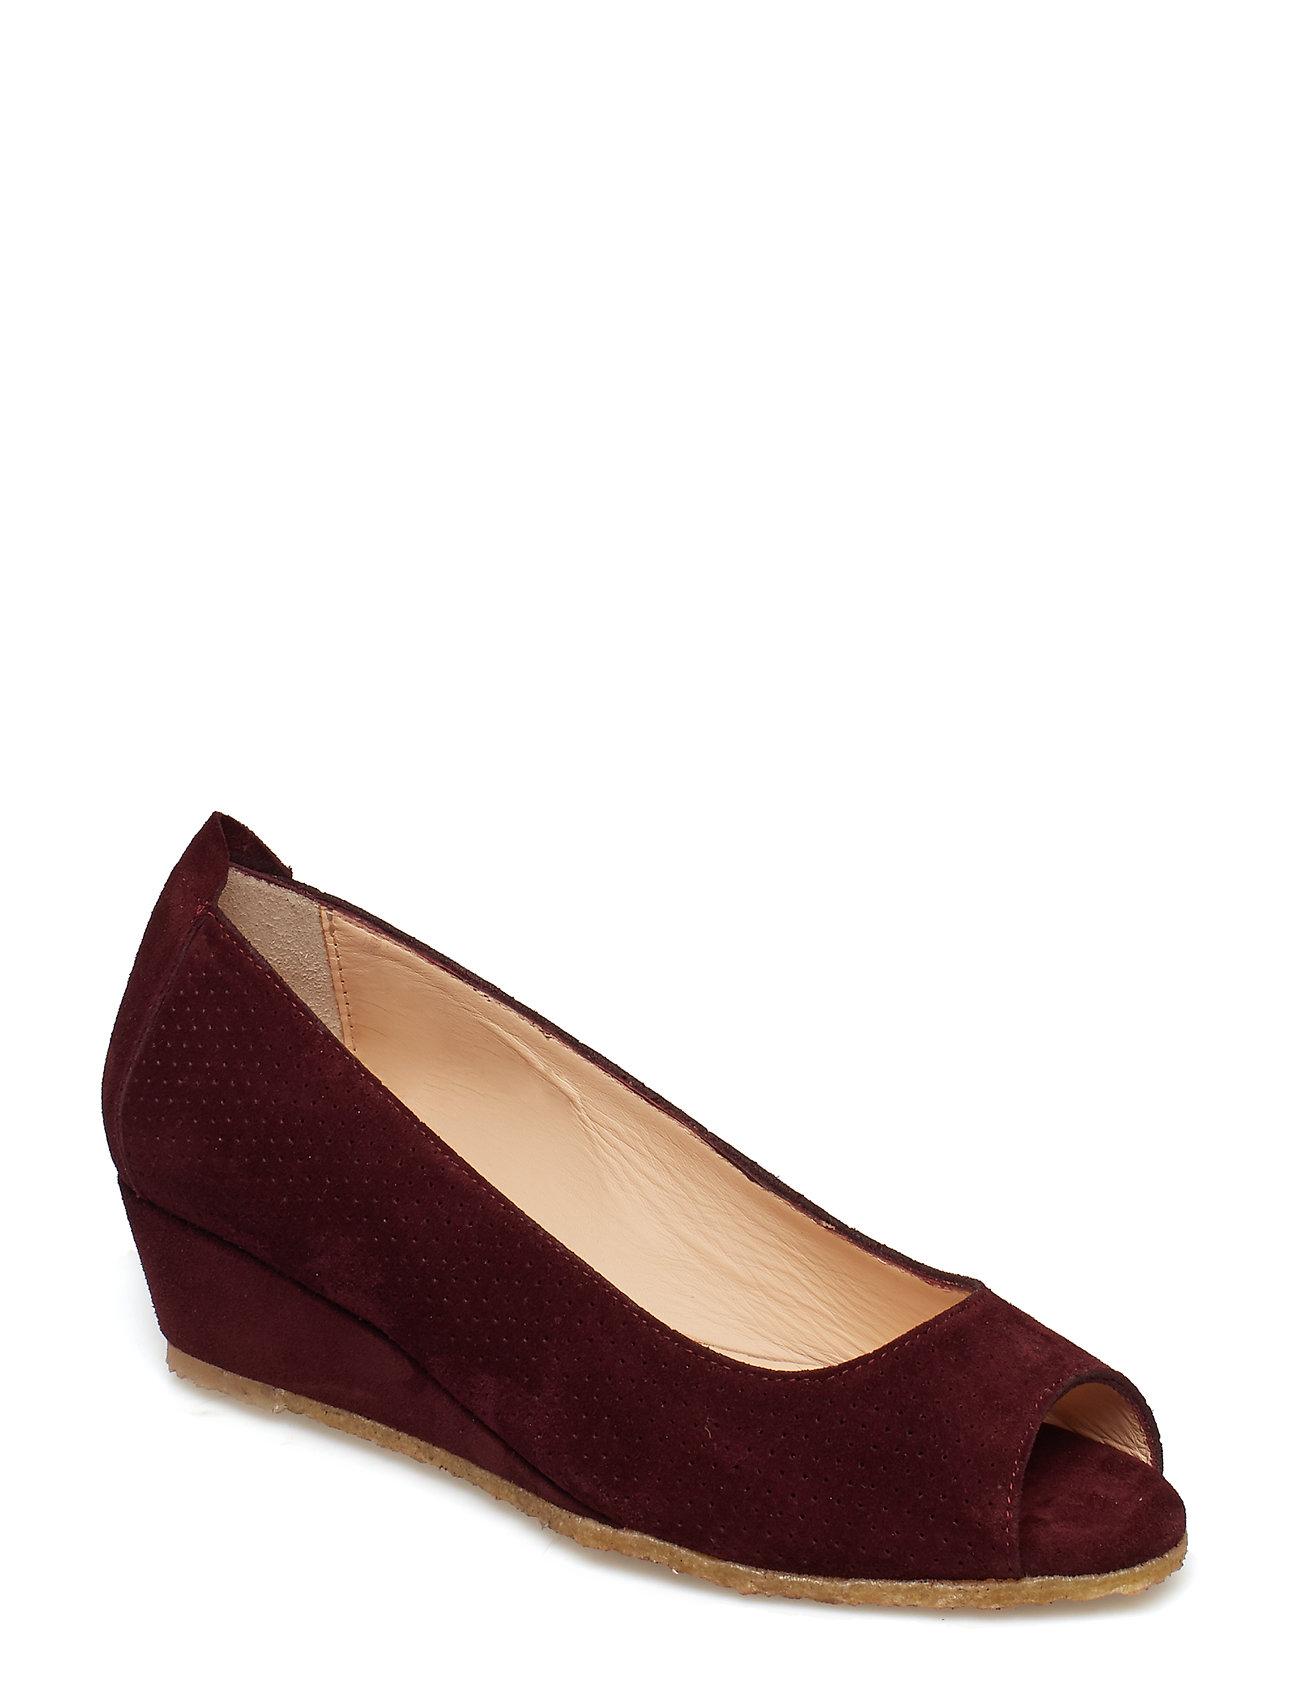 096bfe76427 ANGULUS højhælede sandaler – Sandals - Flat - Open Toe - Clo til ...